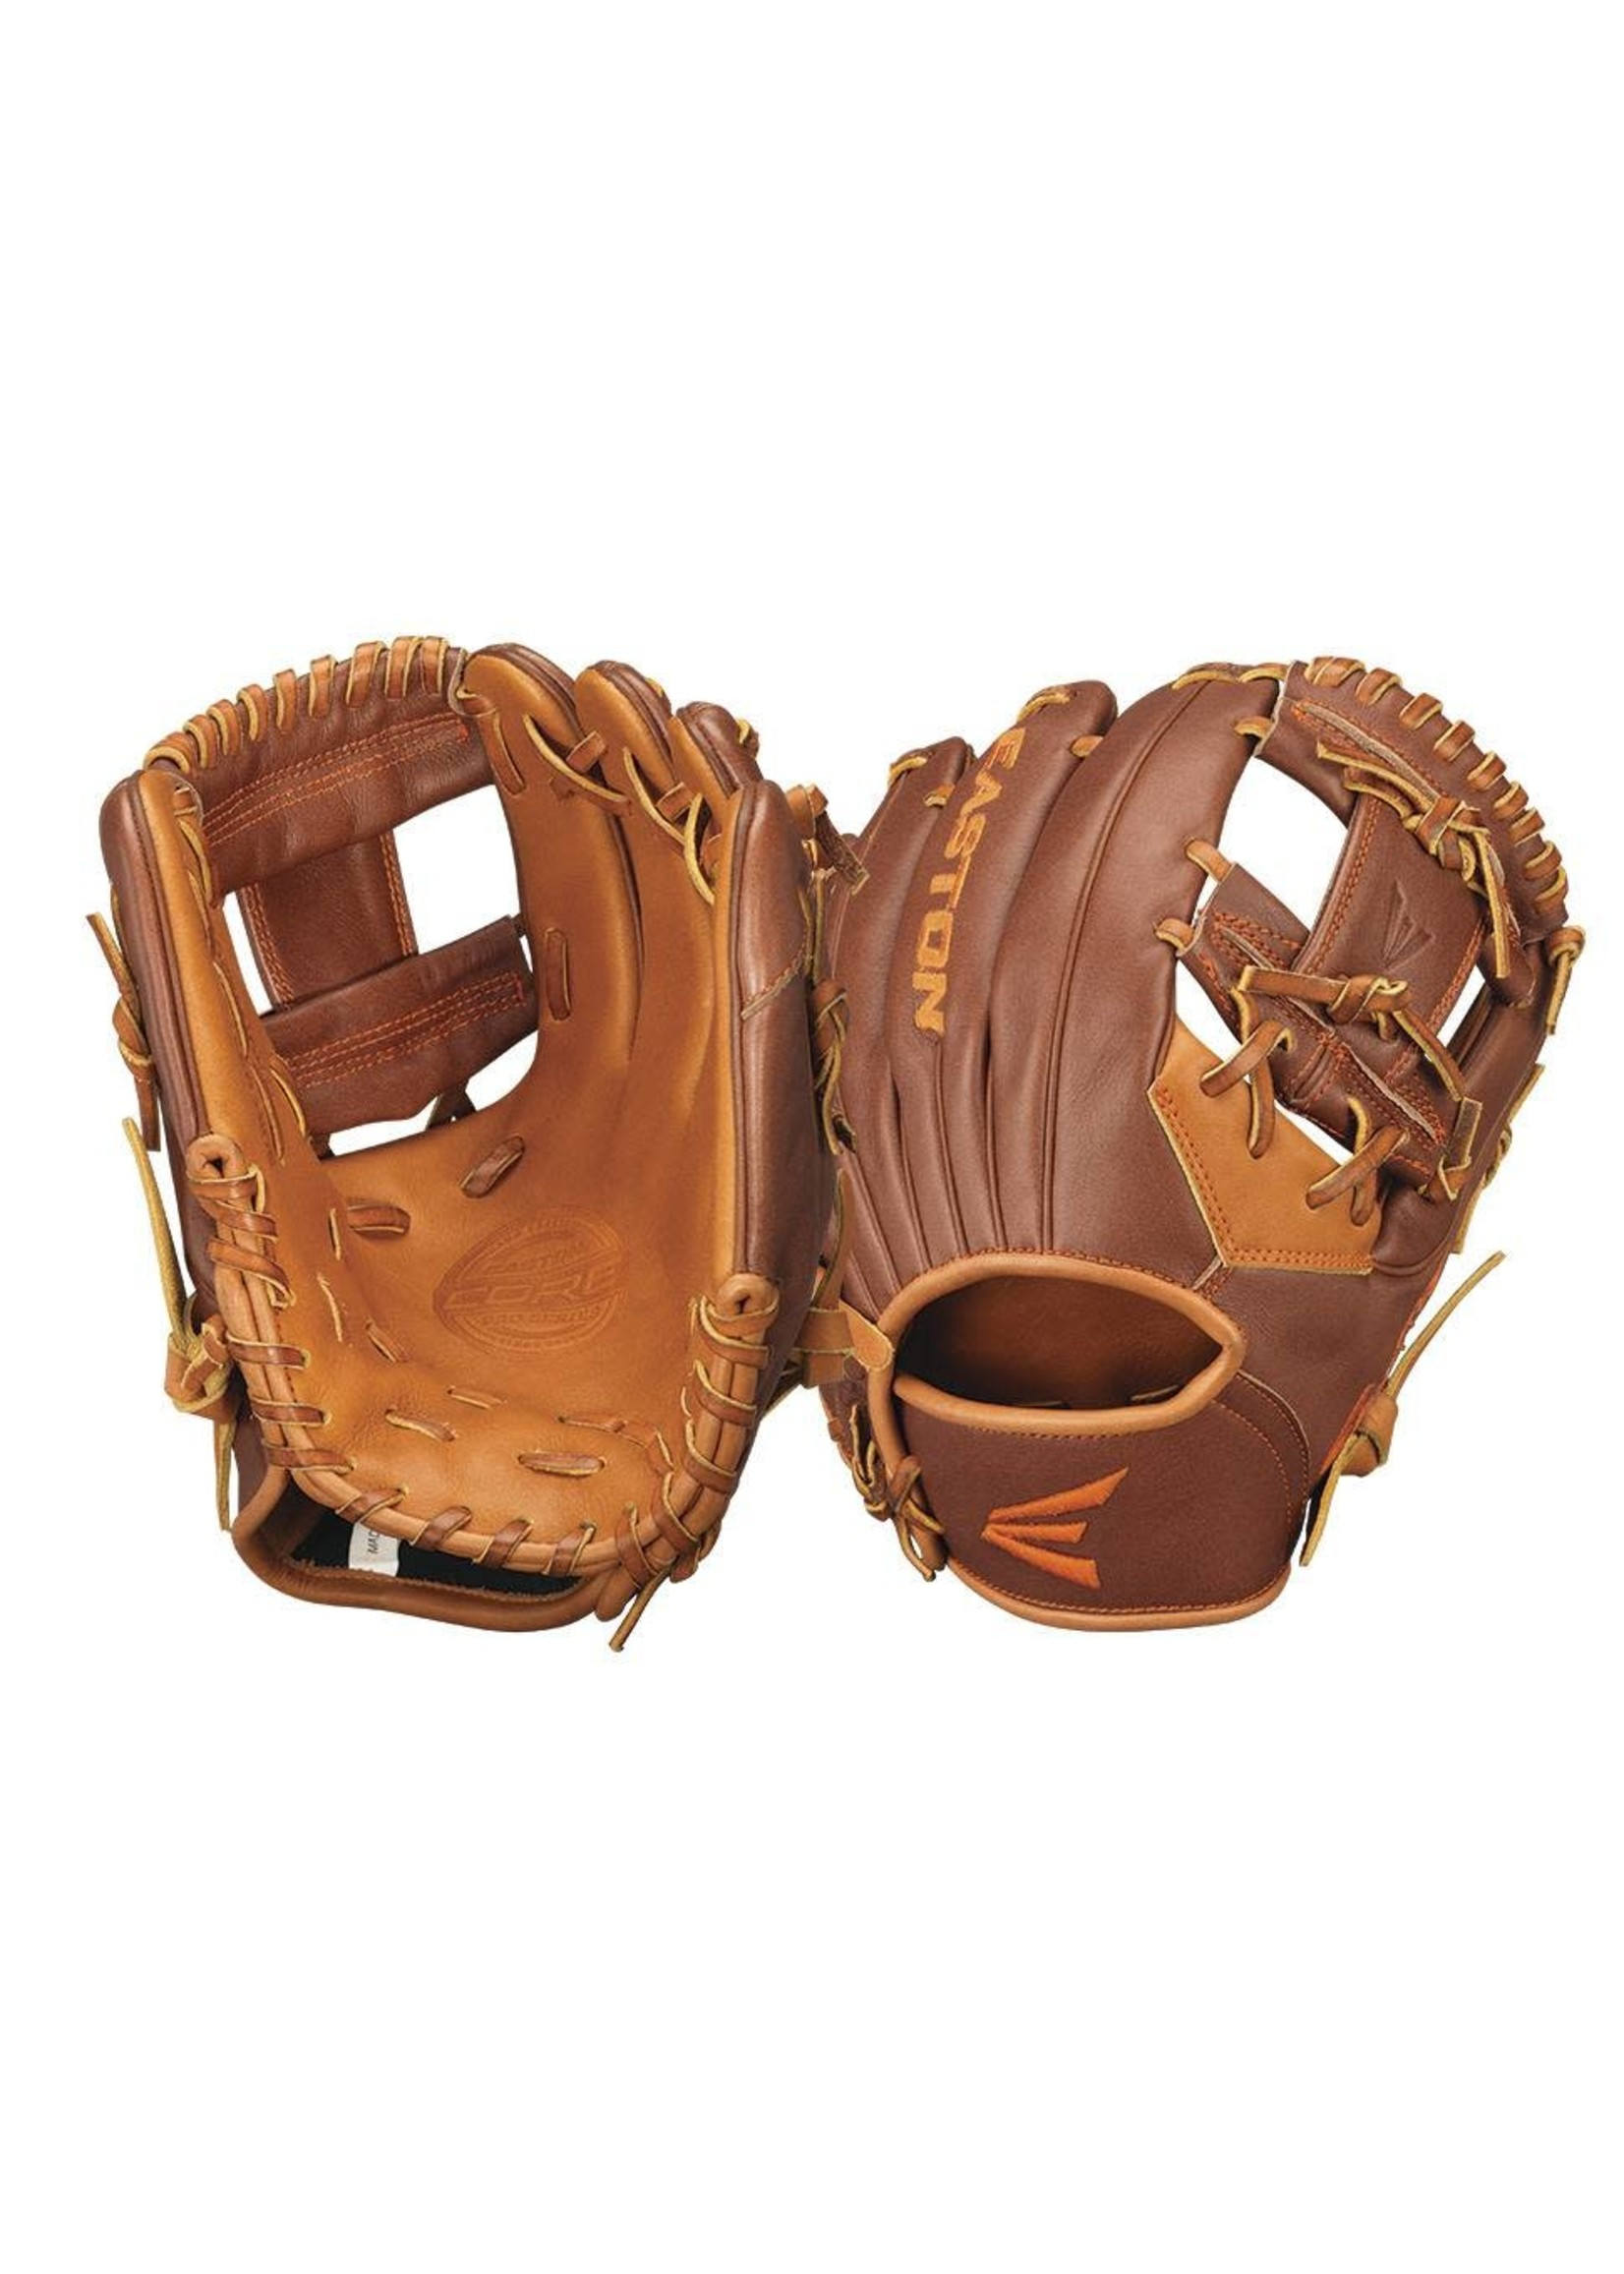 Easton Baseball (Canada) EASTON ECG1125MT RHT 11.25 IN